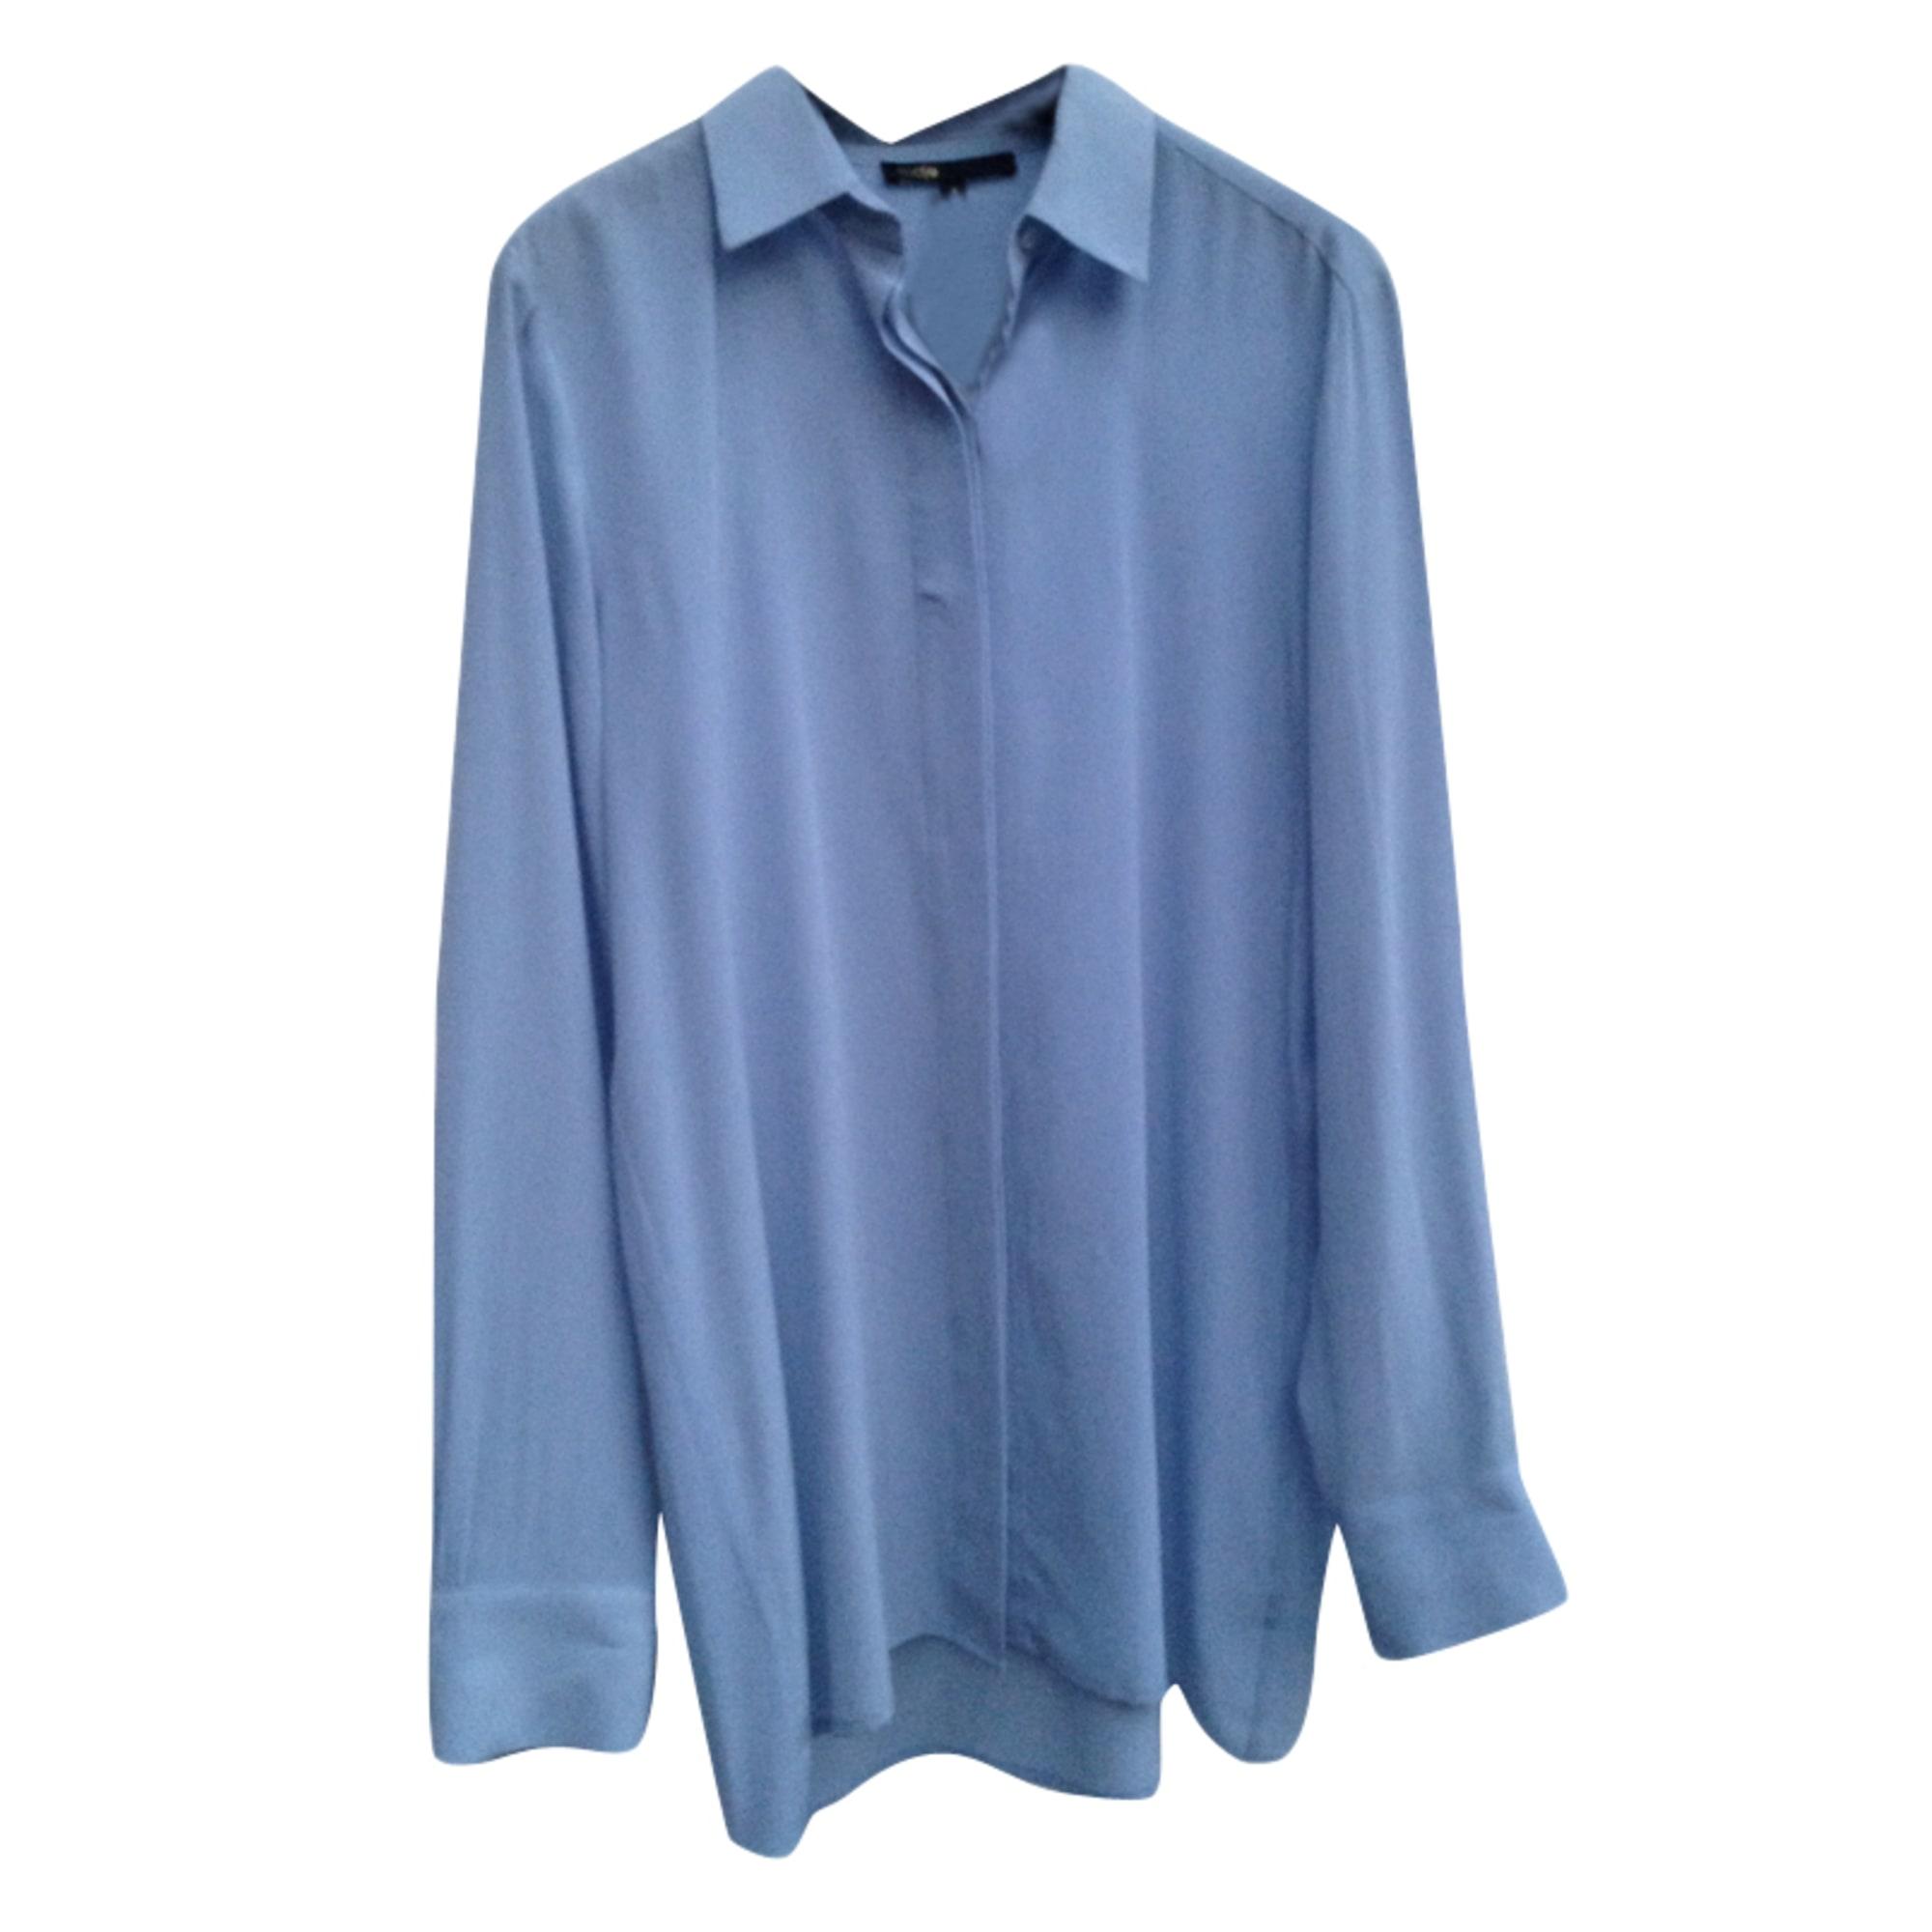 chemise soie bleu marine maje